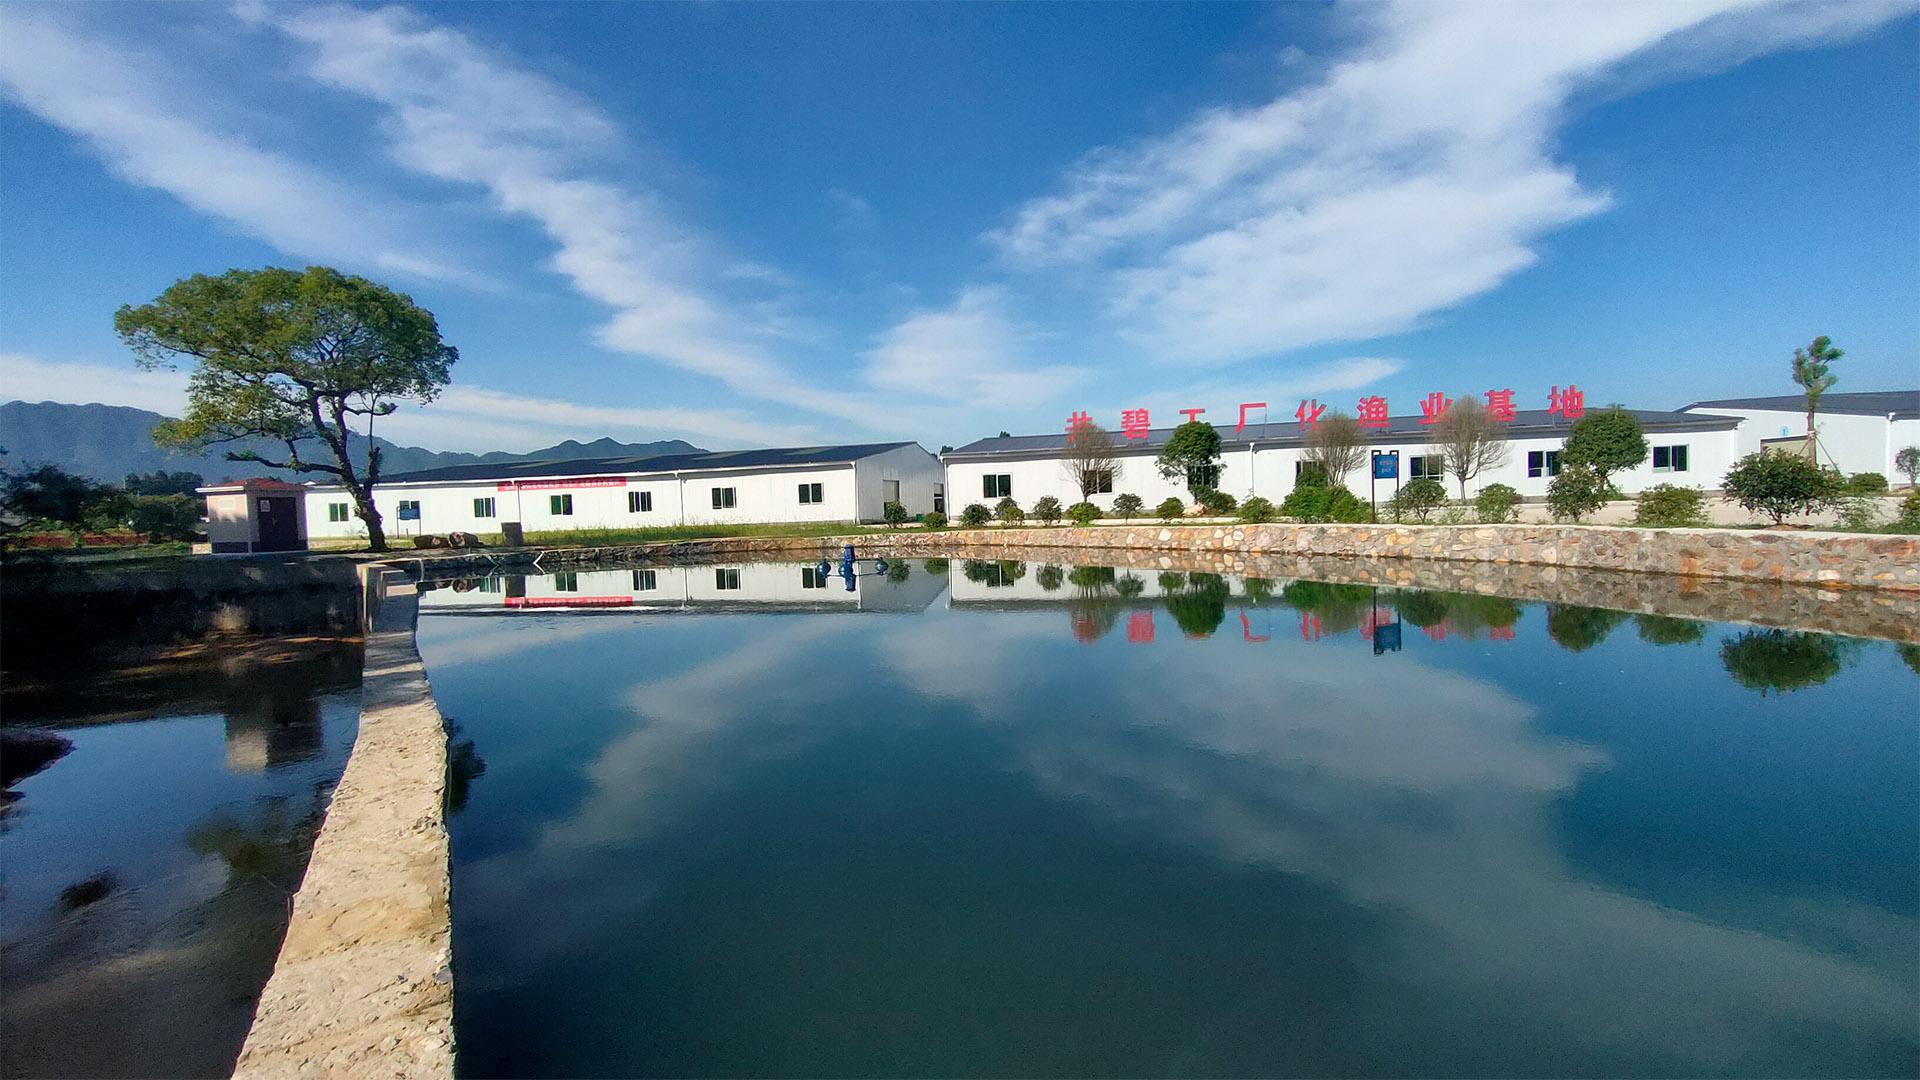 Deco RAS приложение в JB внутренней рыбной ферме, Цзянси